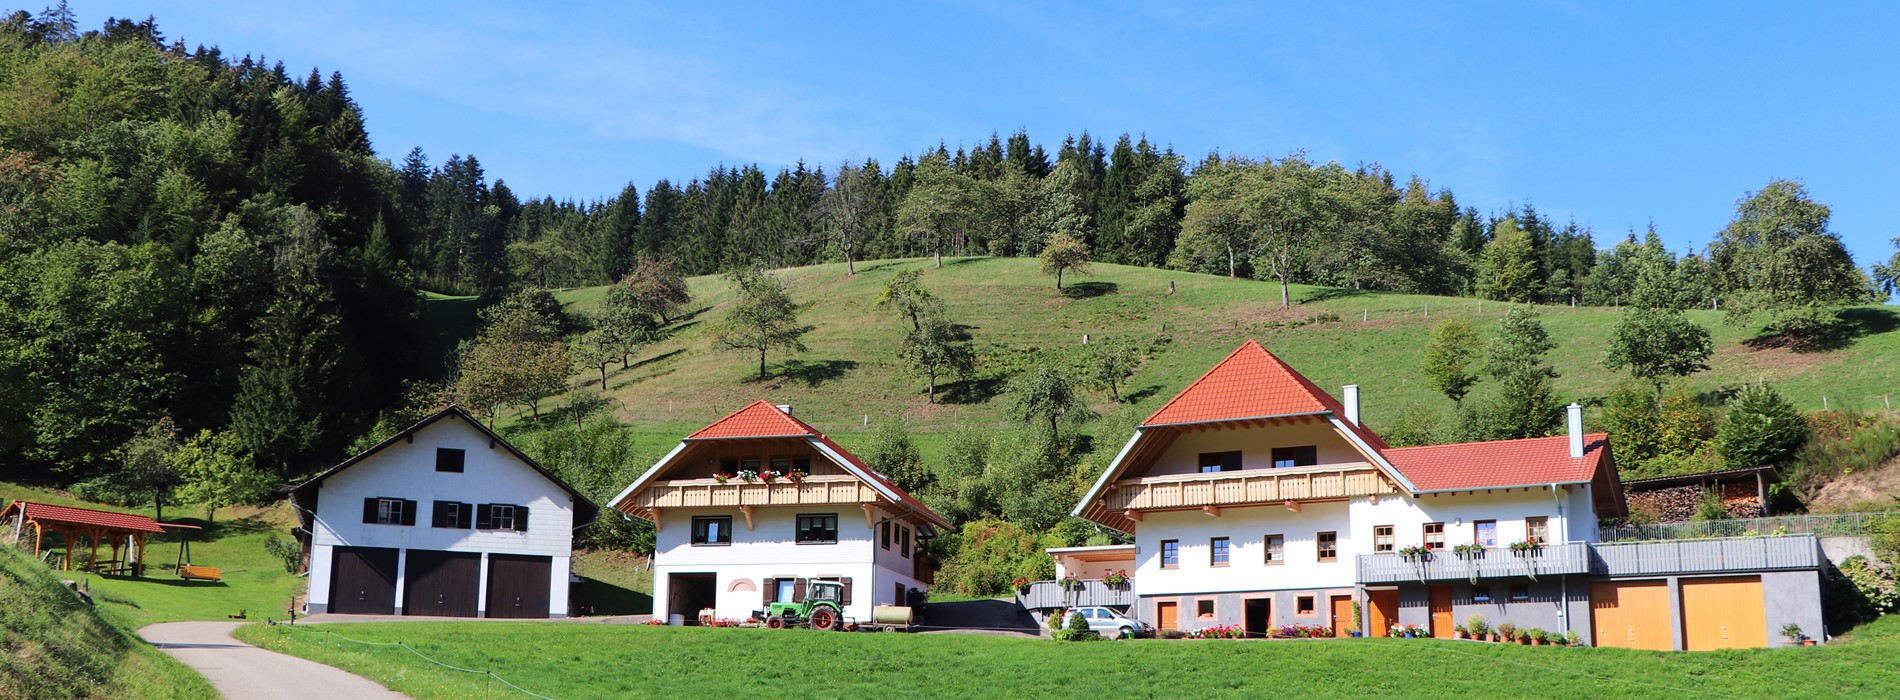 Ansicht vom Stinneshof mit Bauernhaus, Ferienhaus und Speicher